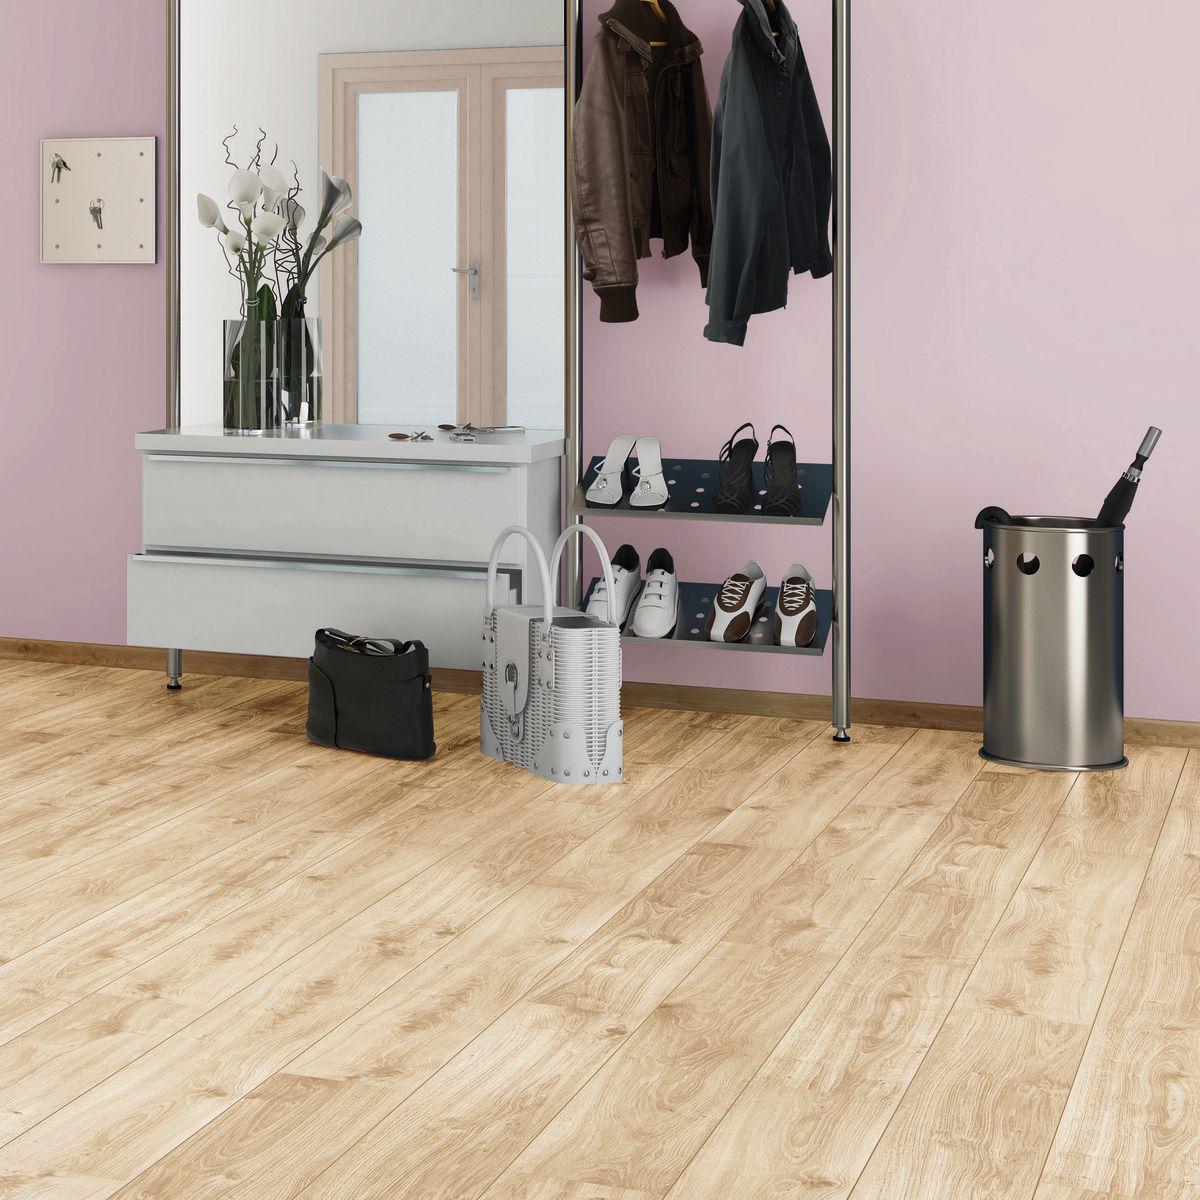 Interesting pavimenti e laminato sensation mm with colori for Laminato leroy merlin montaggio